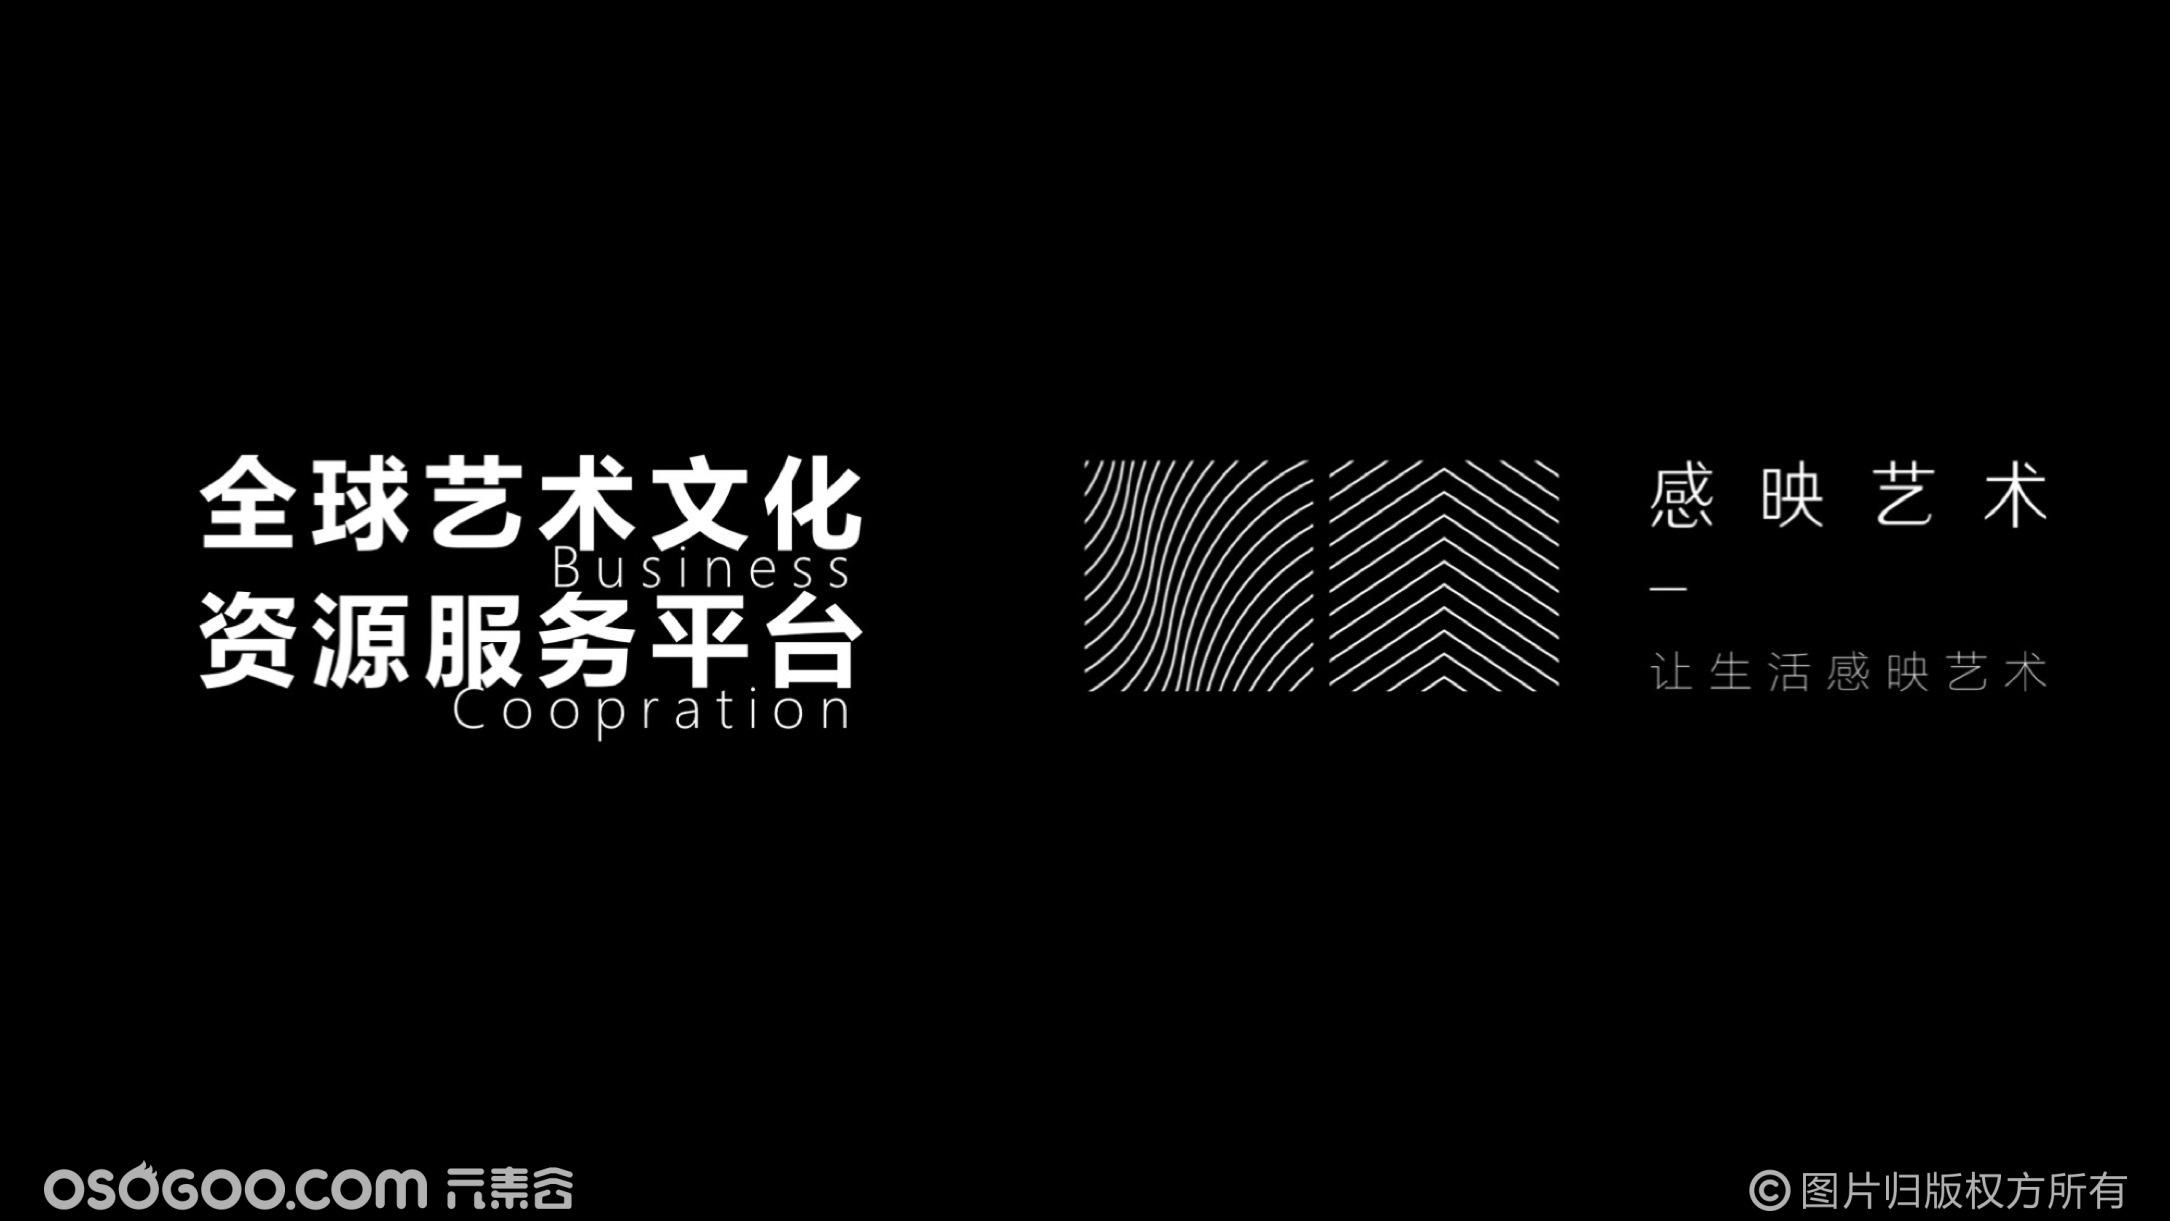 【阳光潮乐园】新西兰艺术家主题IP沉浸式体验展-感映艺术出品